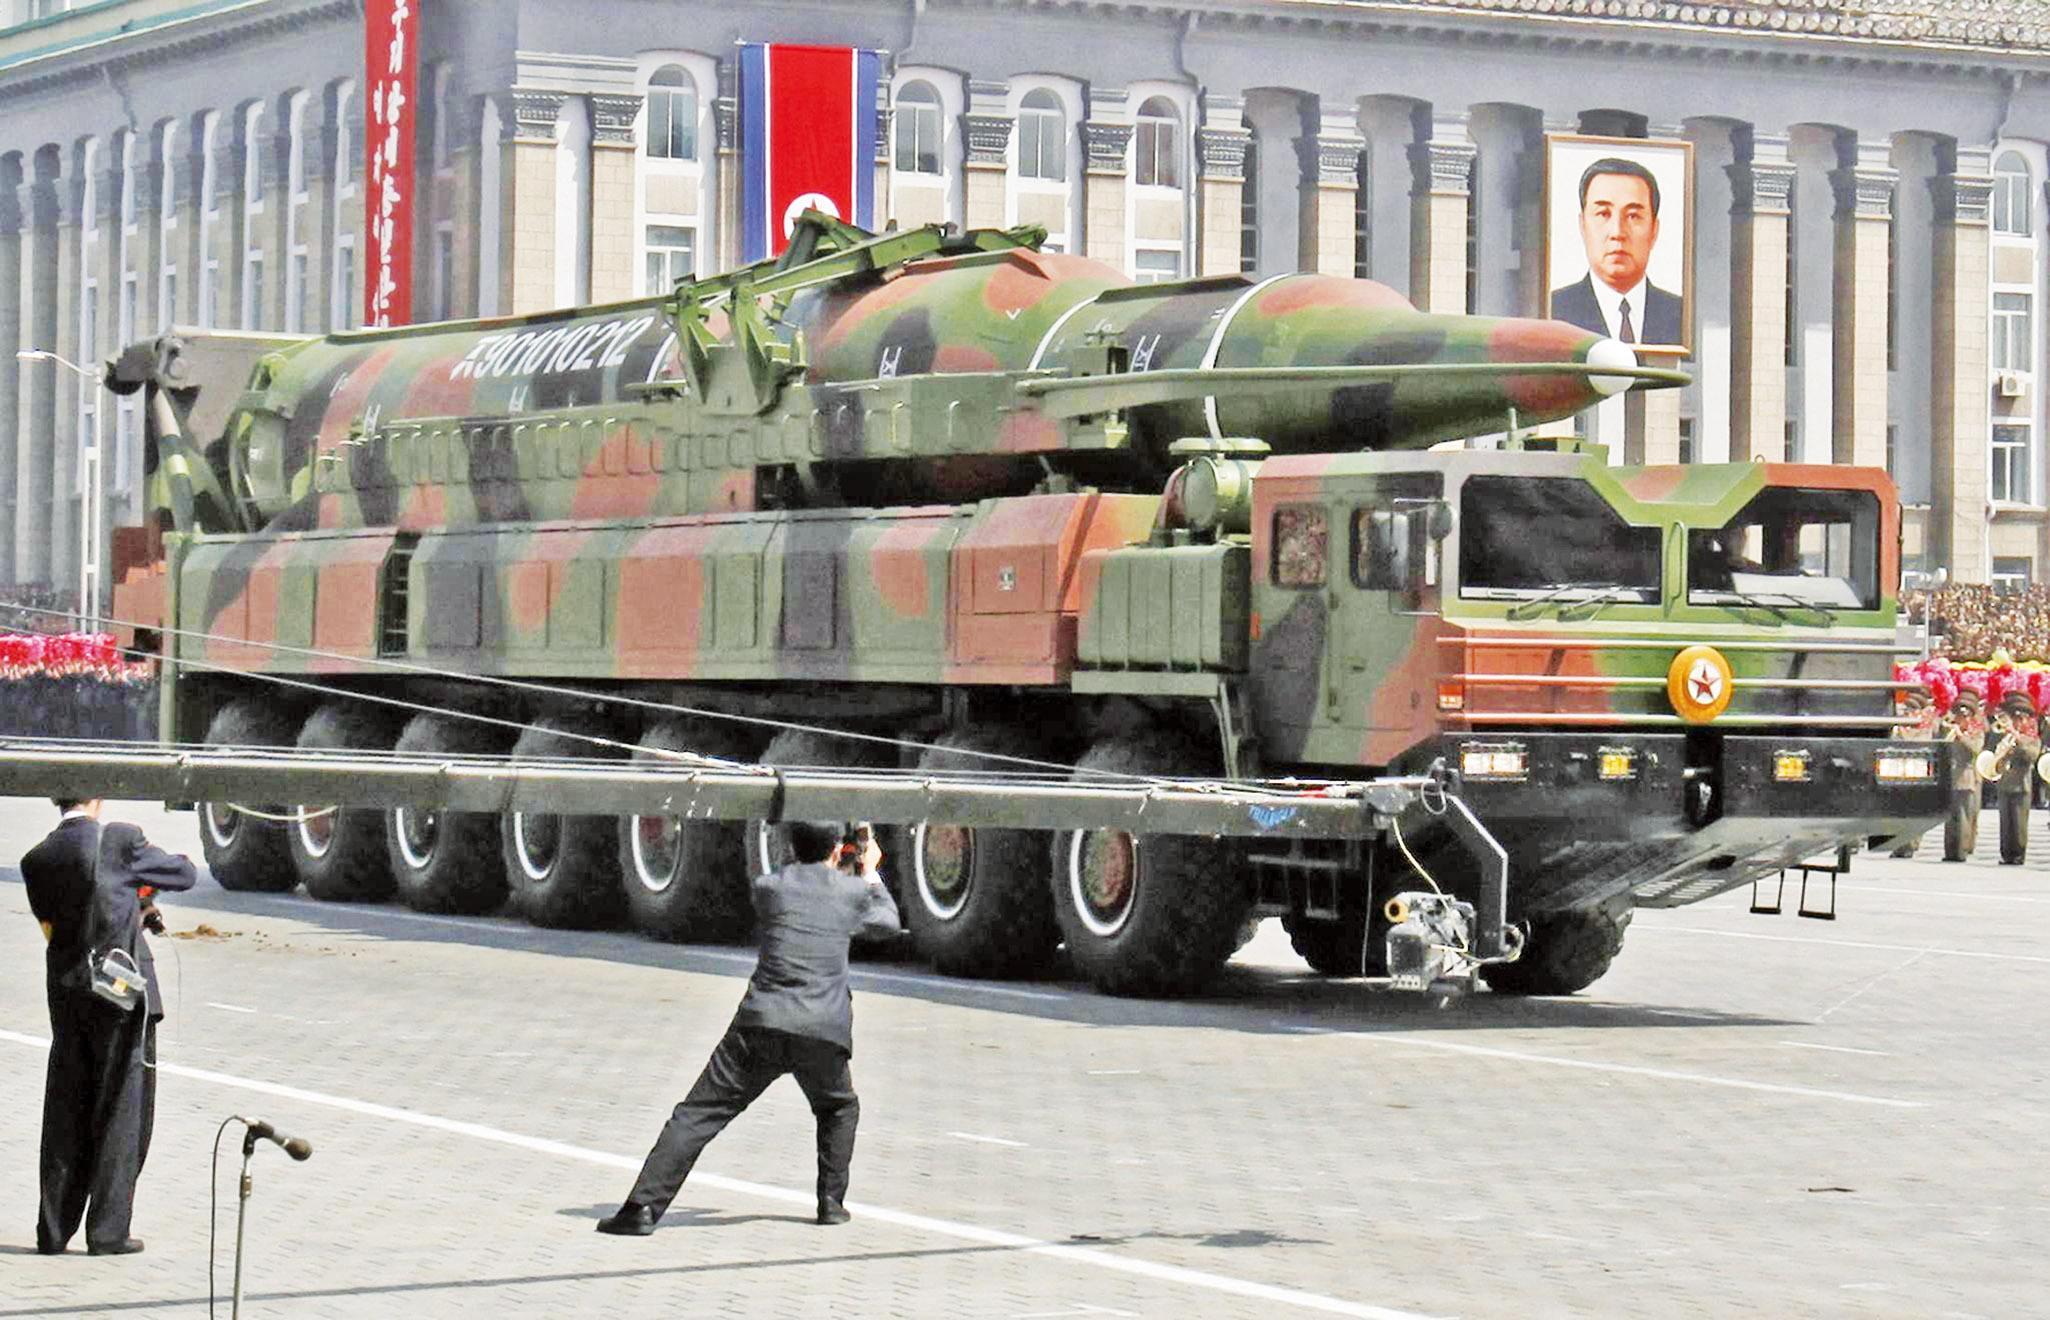 朝鲜想击沉美国航母靠谱吗?被指不会主动动手